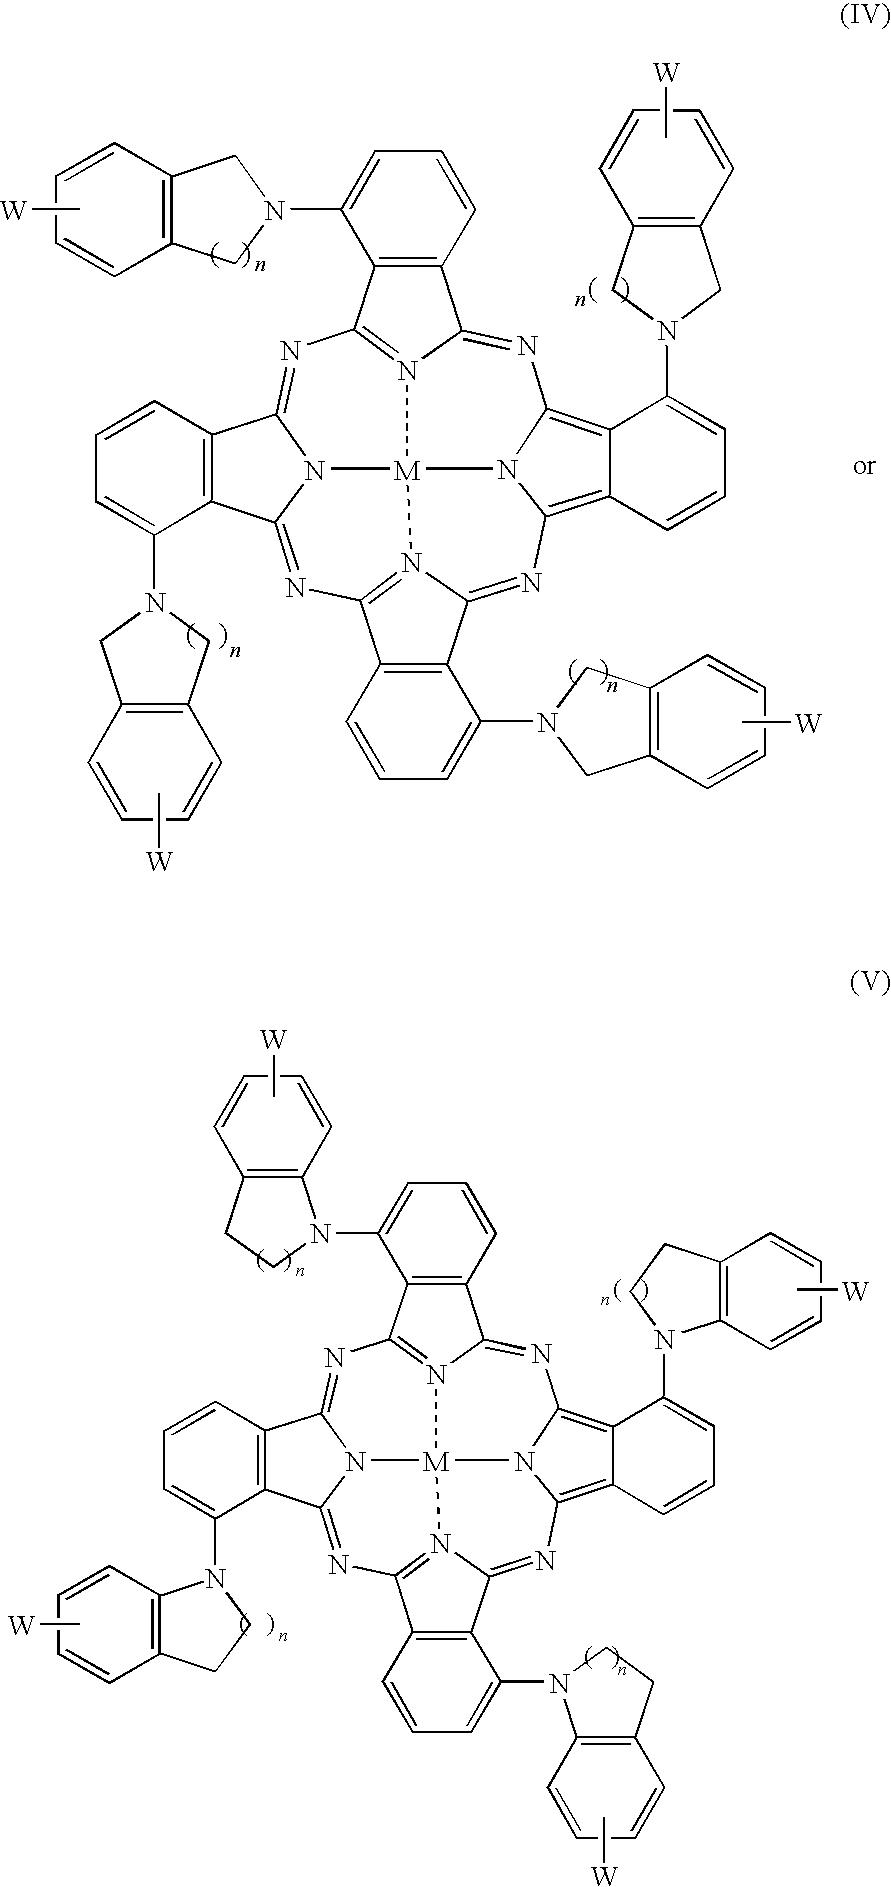 Figure US07572327-20090811-C00006